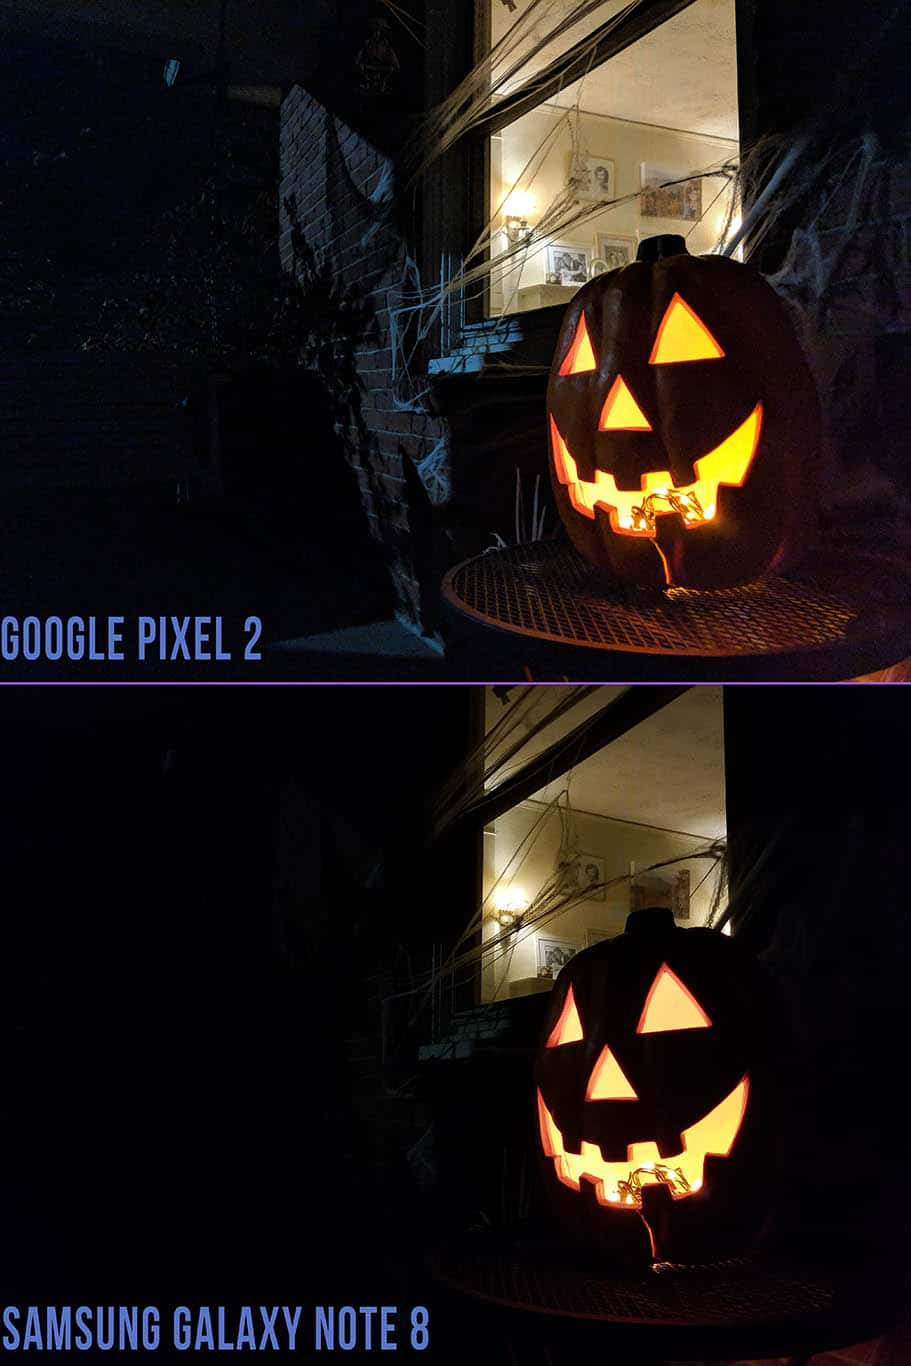 Google pixel 2 review AH NS camara compare 4s